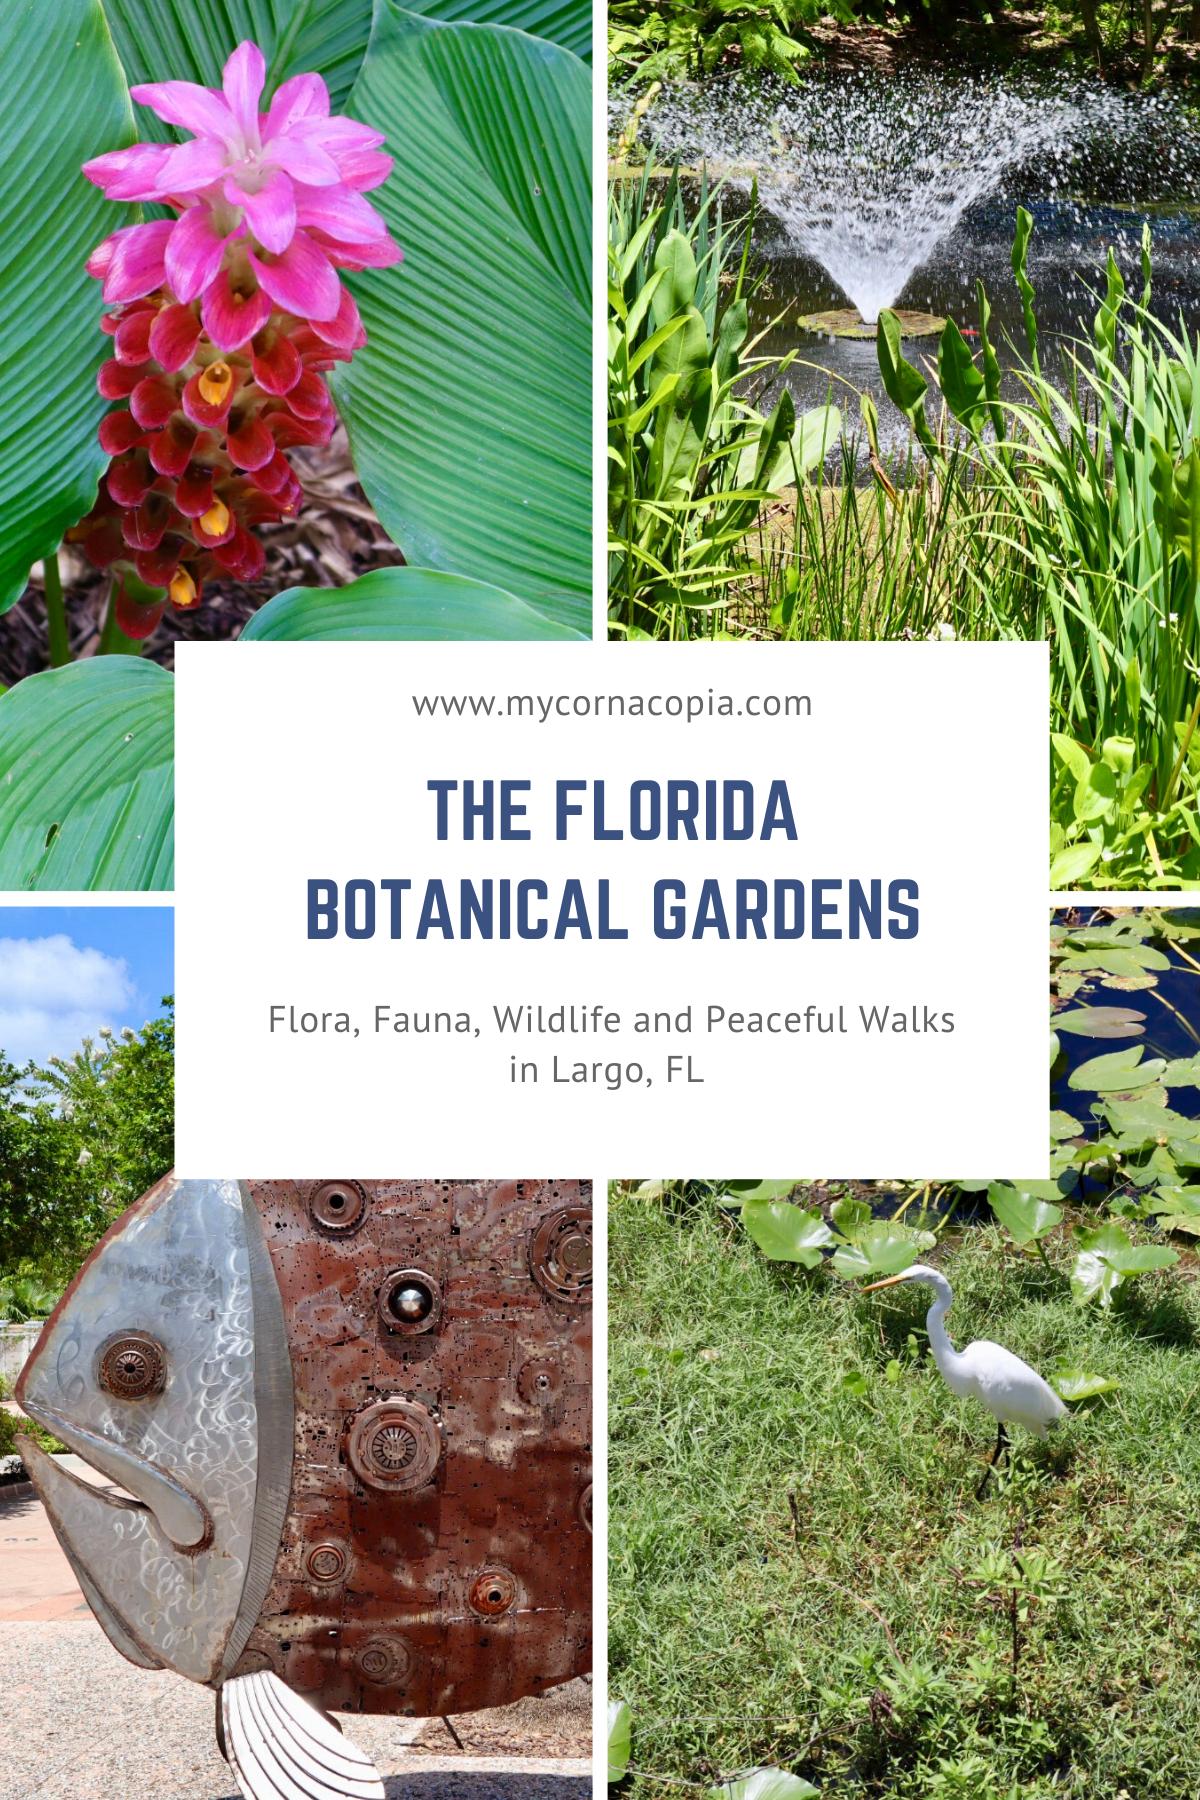 ceb2ad212845bb6cc3967c13c7c0eff8 - The Florida Botanical Gardens In Largo